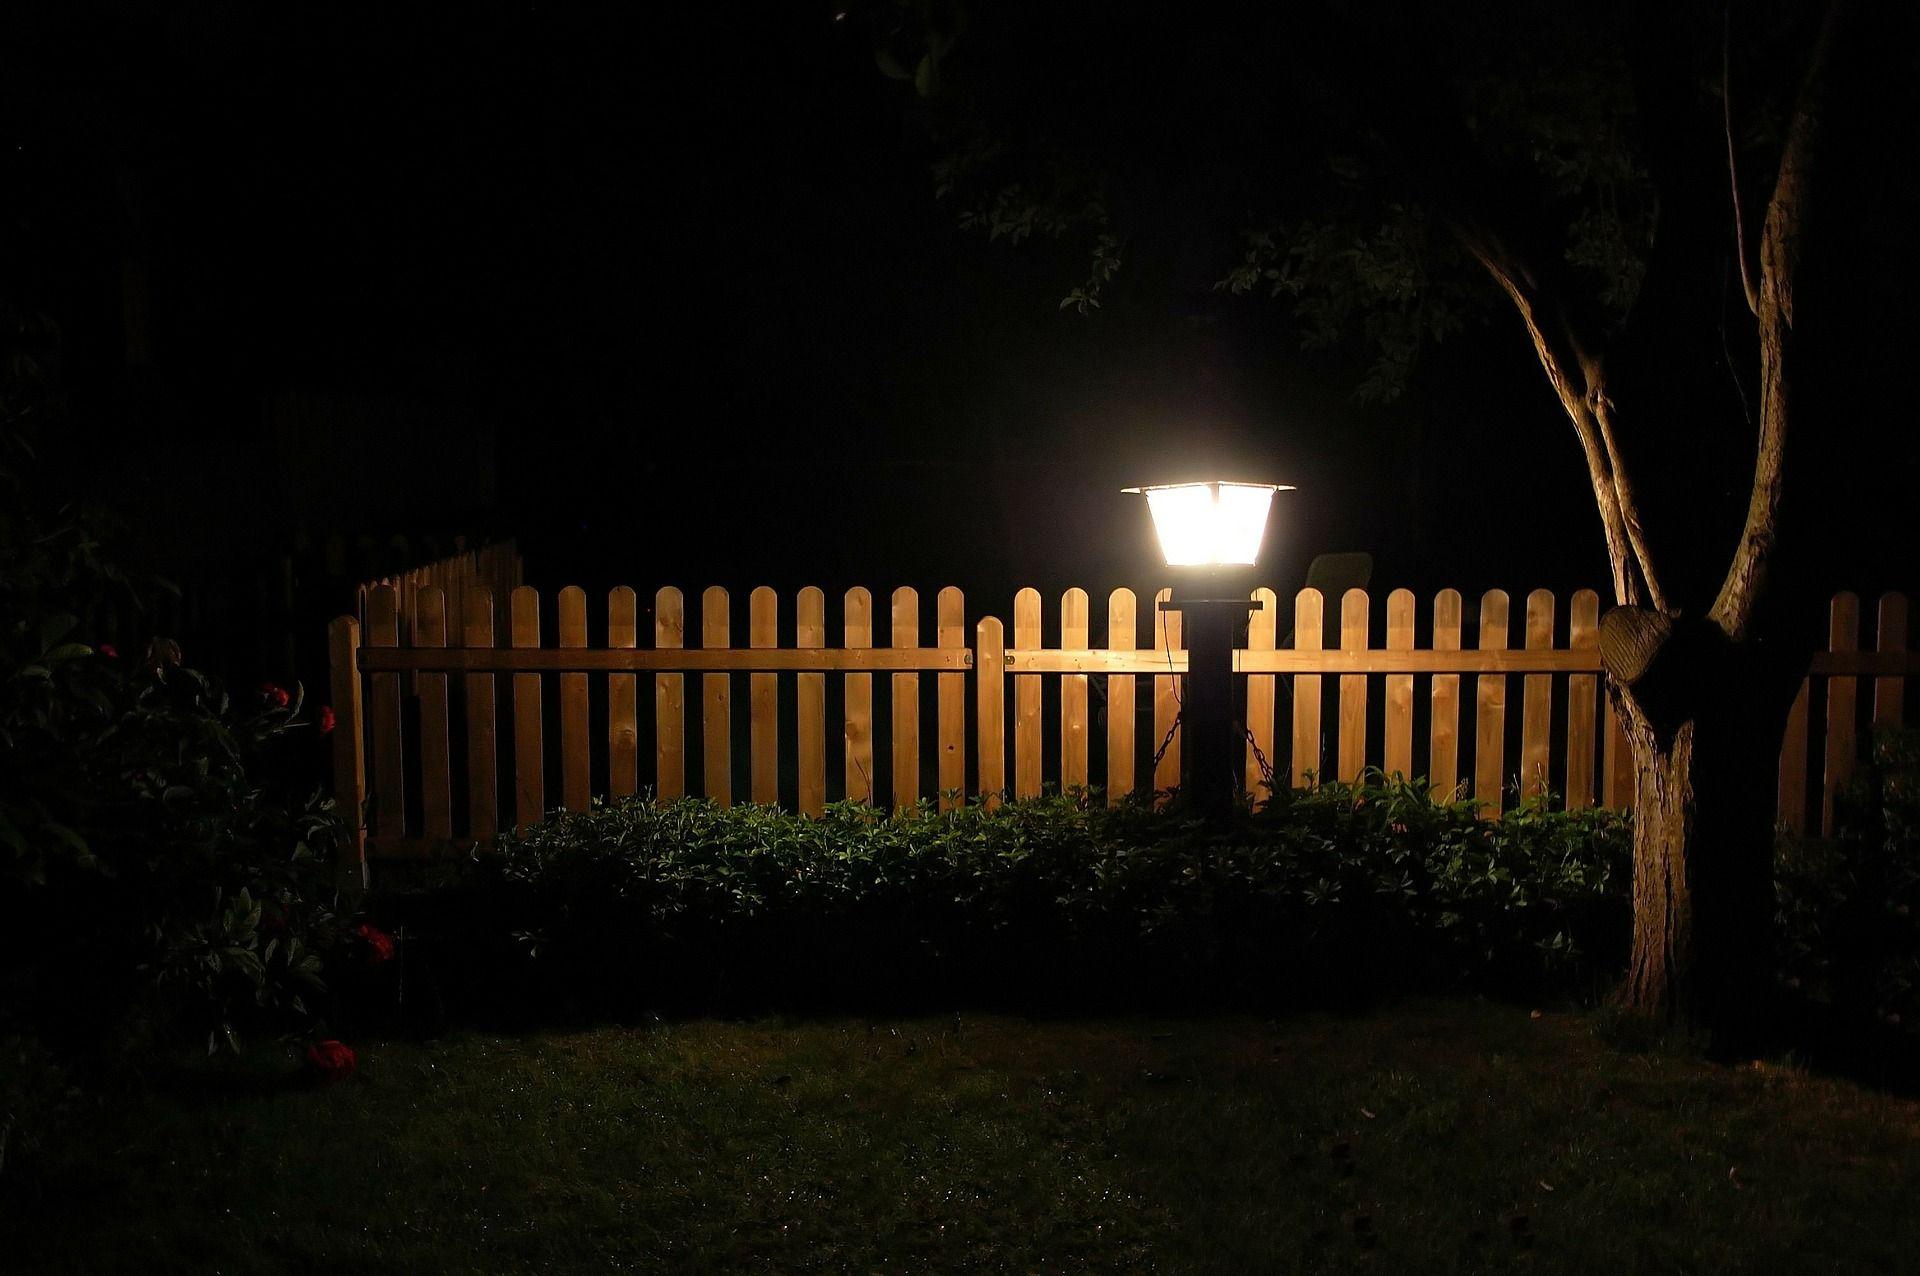 תאורה חיצונית